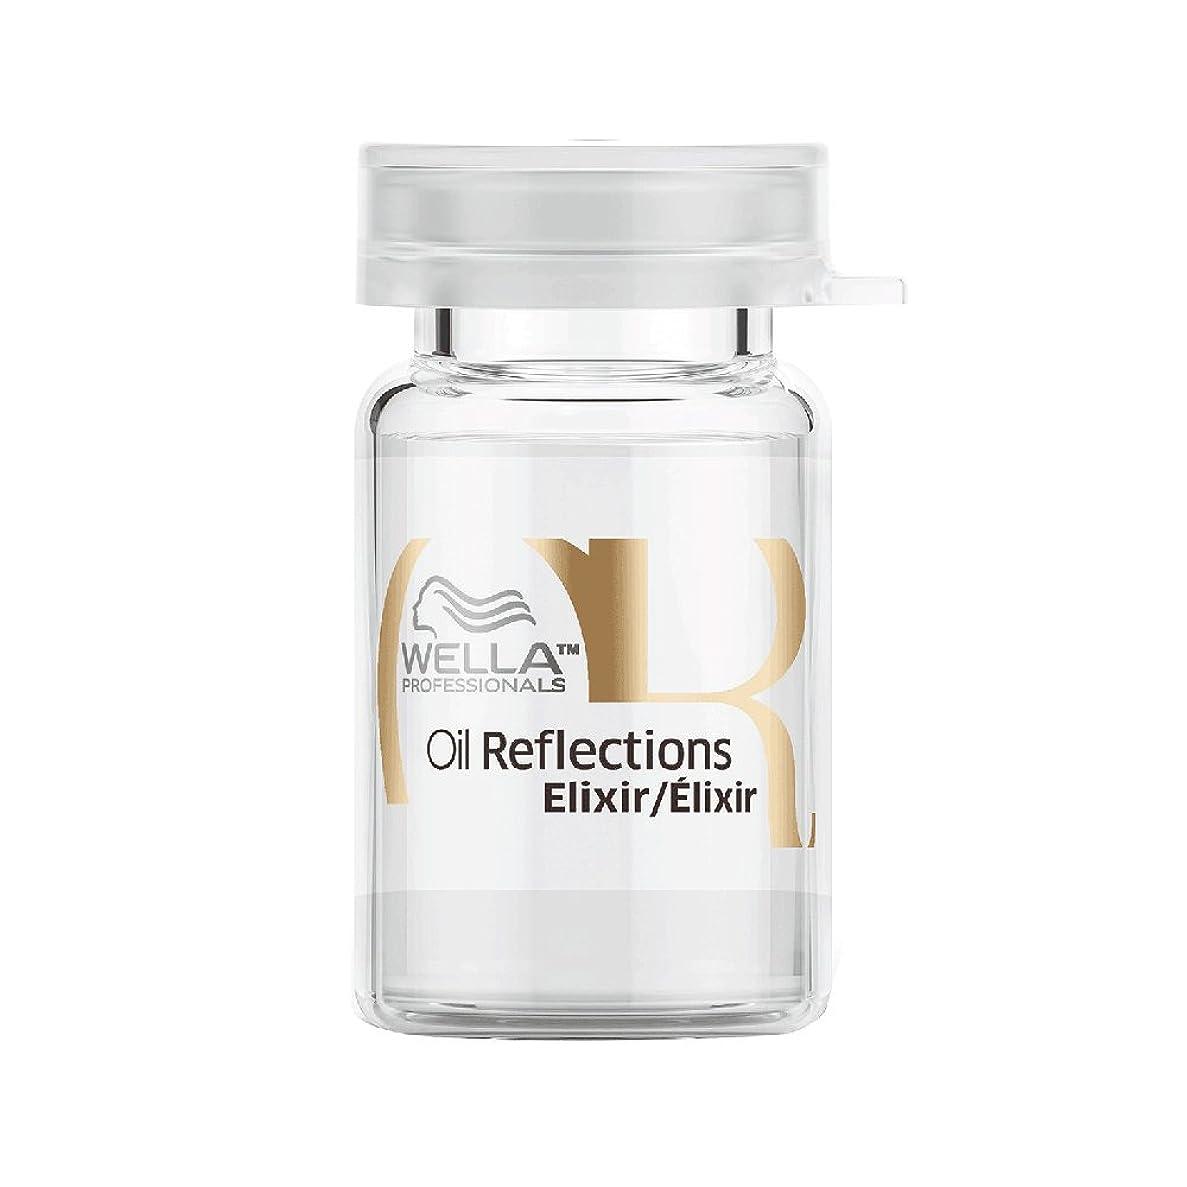 喉頭ナプキン自宅でWella 油反射ルミナス拡大鏡エリクサー、10本のアンプル(0.2オンス毎)、Net.wt.2.02のオンス 0.2オンス